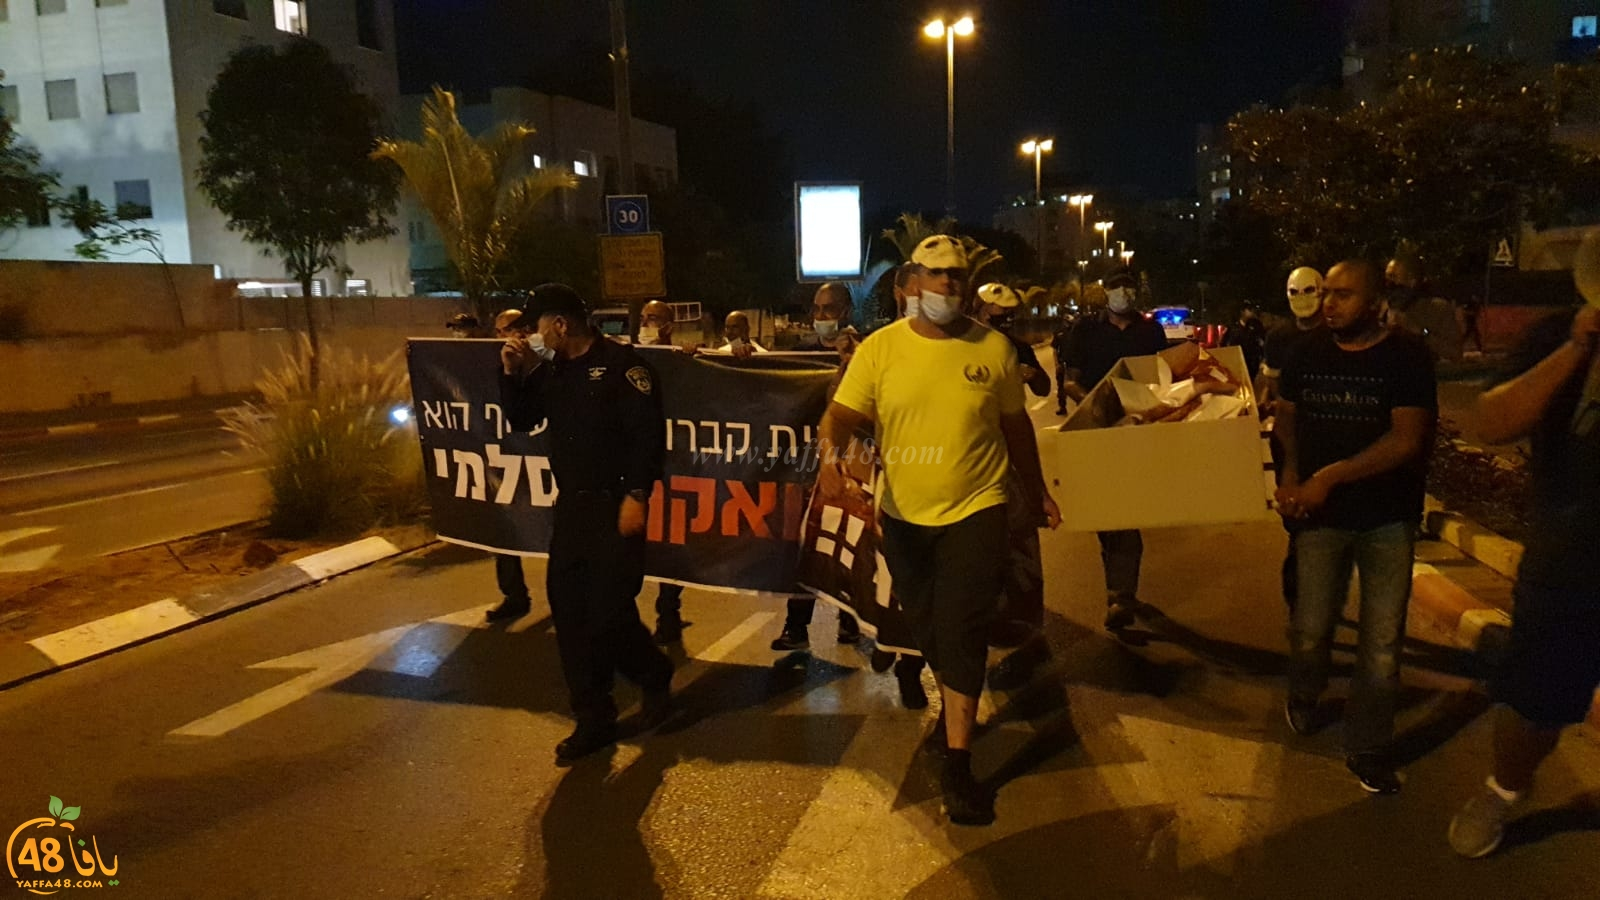 فيديو: للمرة الثانية - وقفة احتجاجية غاضبة أمام منزل رئيس البلدية